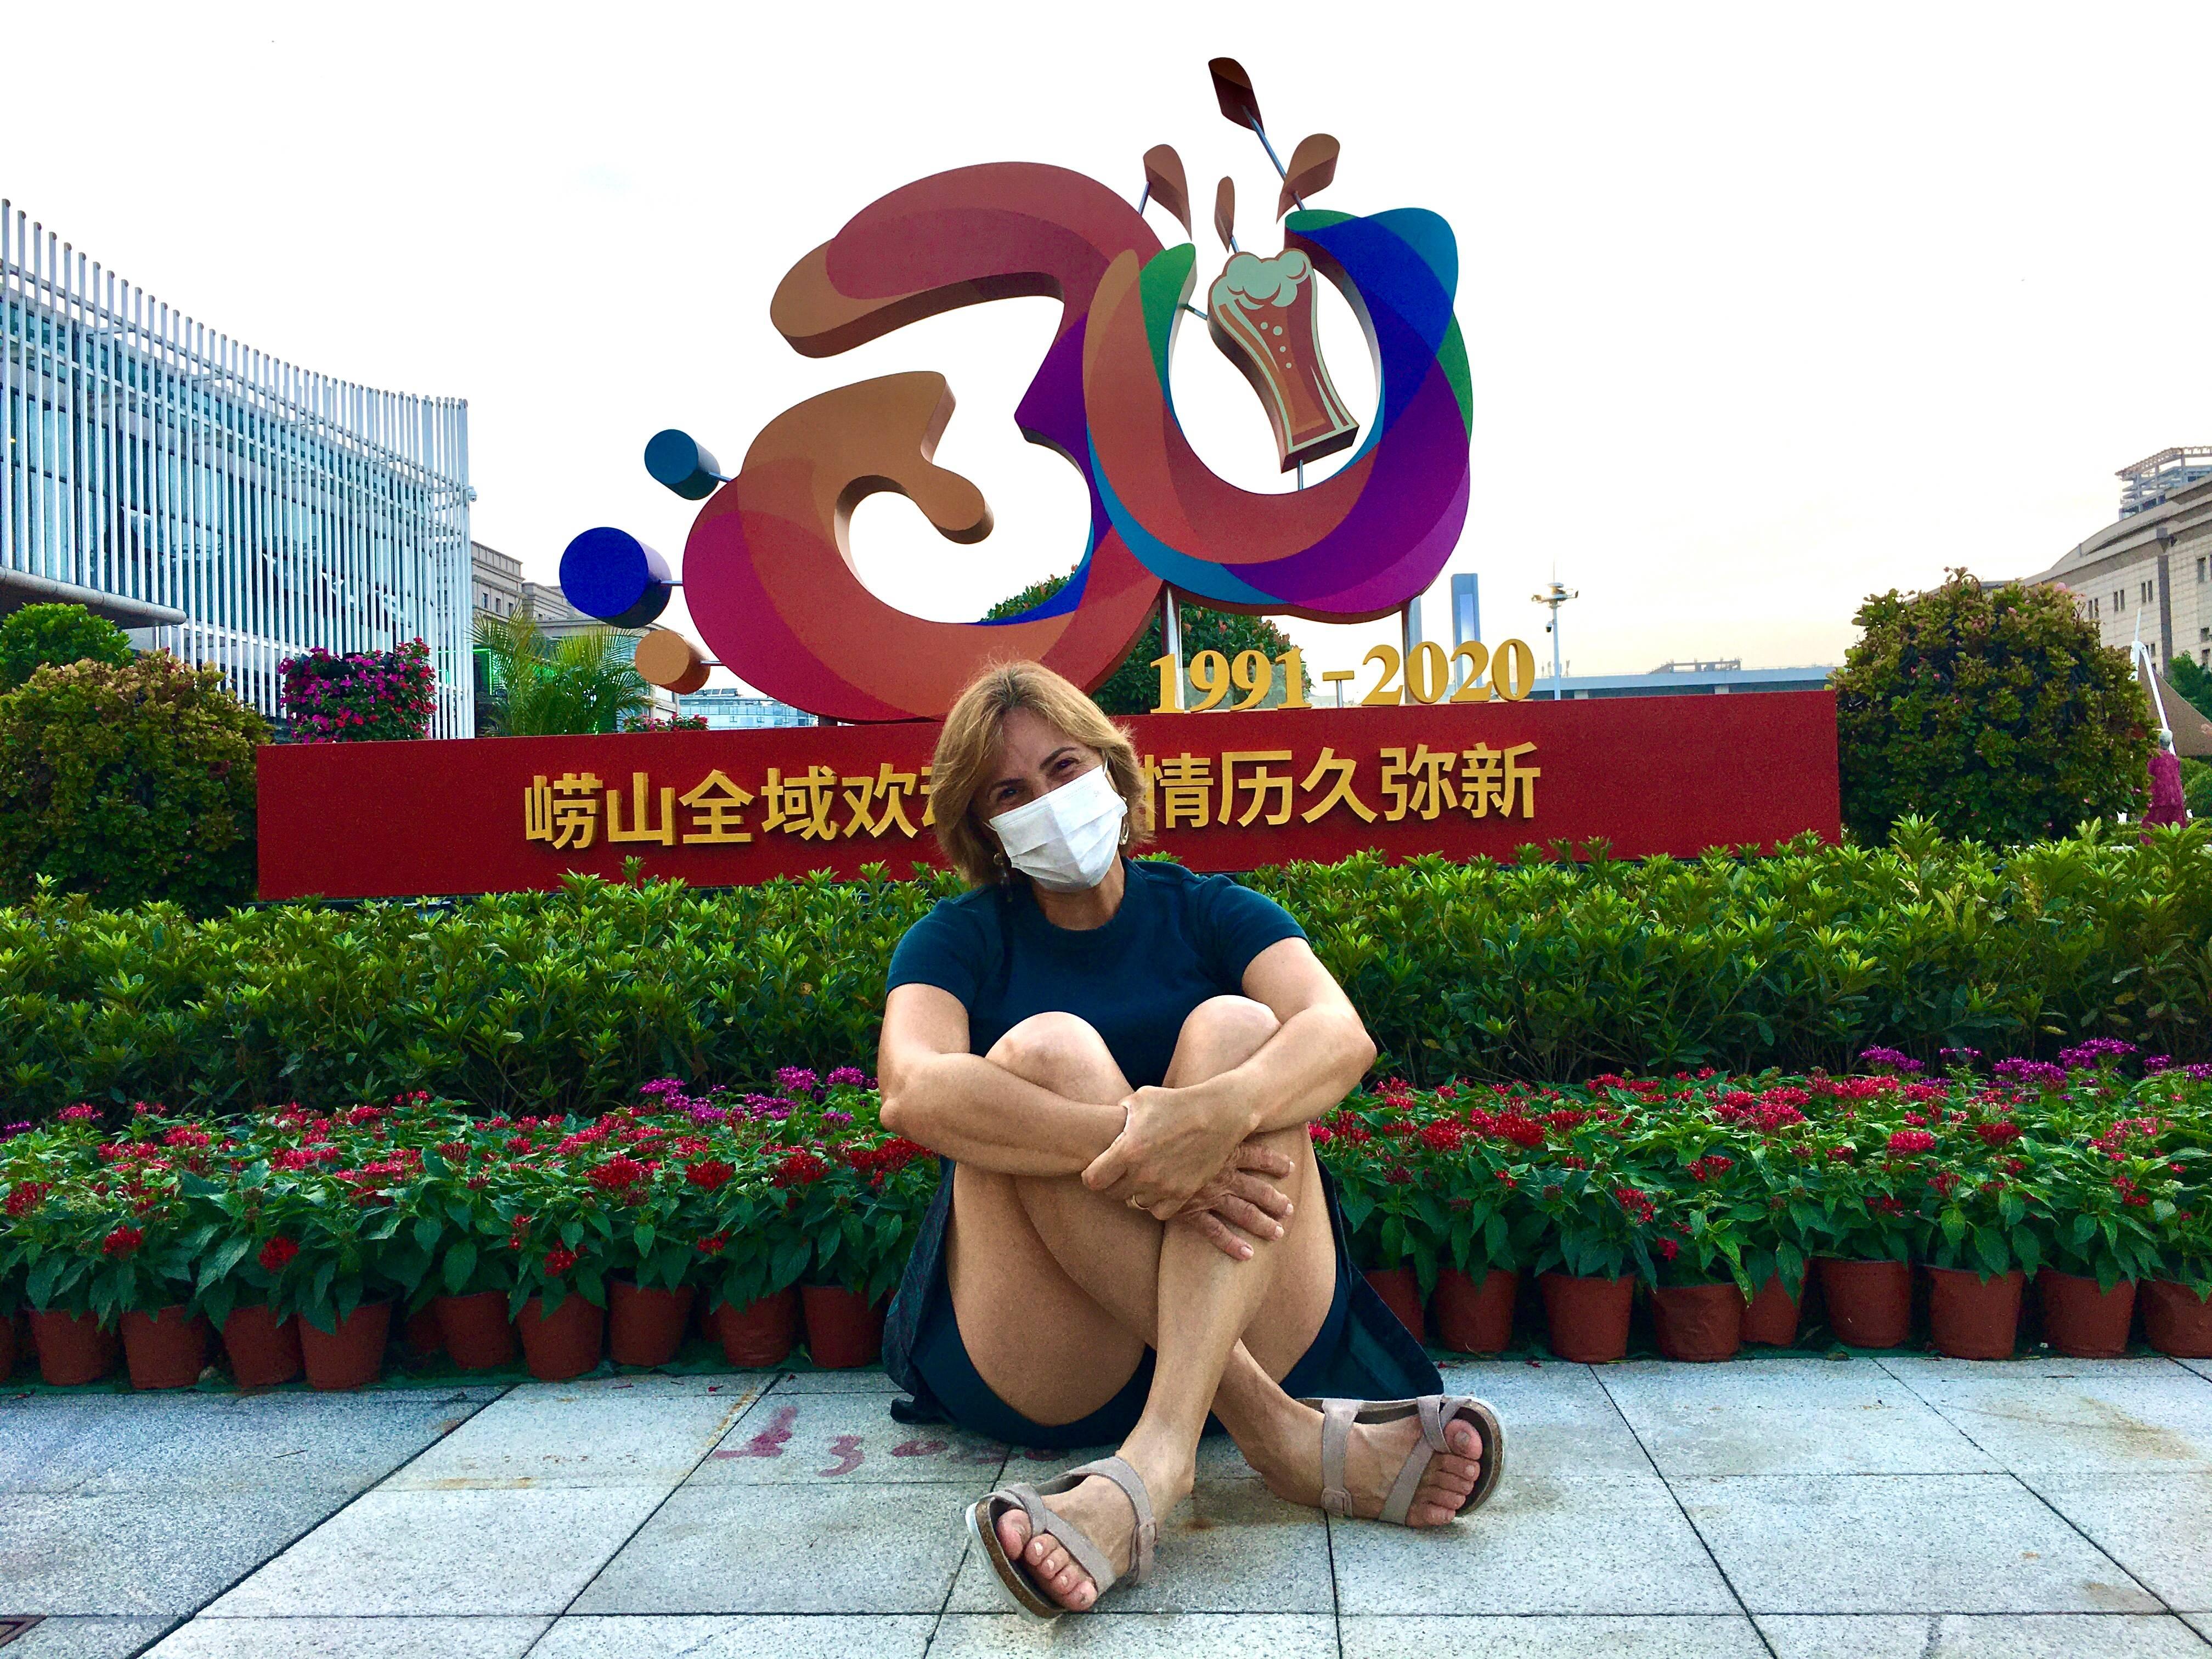 Bem Vindos ao Festival da Cerveja 2020 de Qingdao!  Mesmo de máscara, item não mais obrigatório em áreas abertas, muito a comemorar.